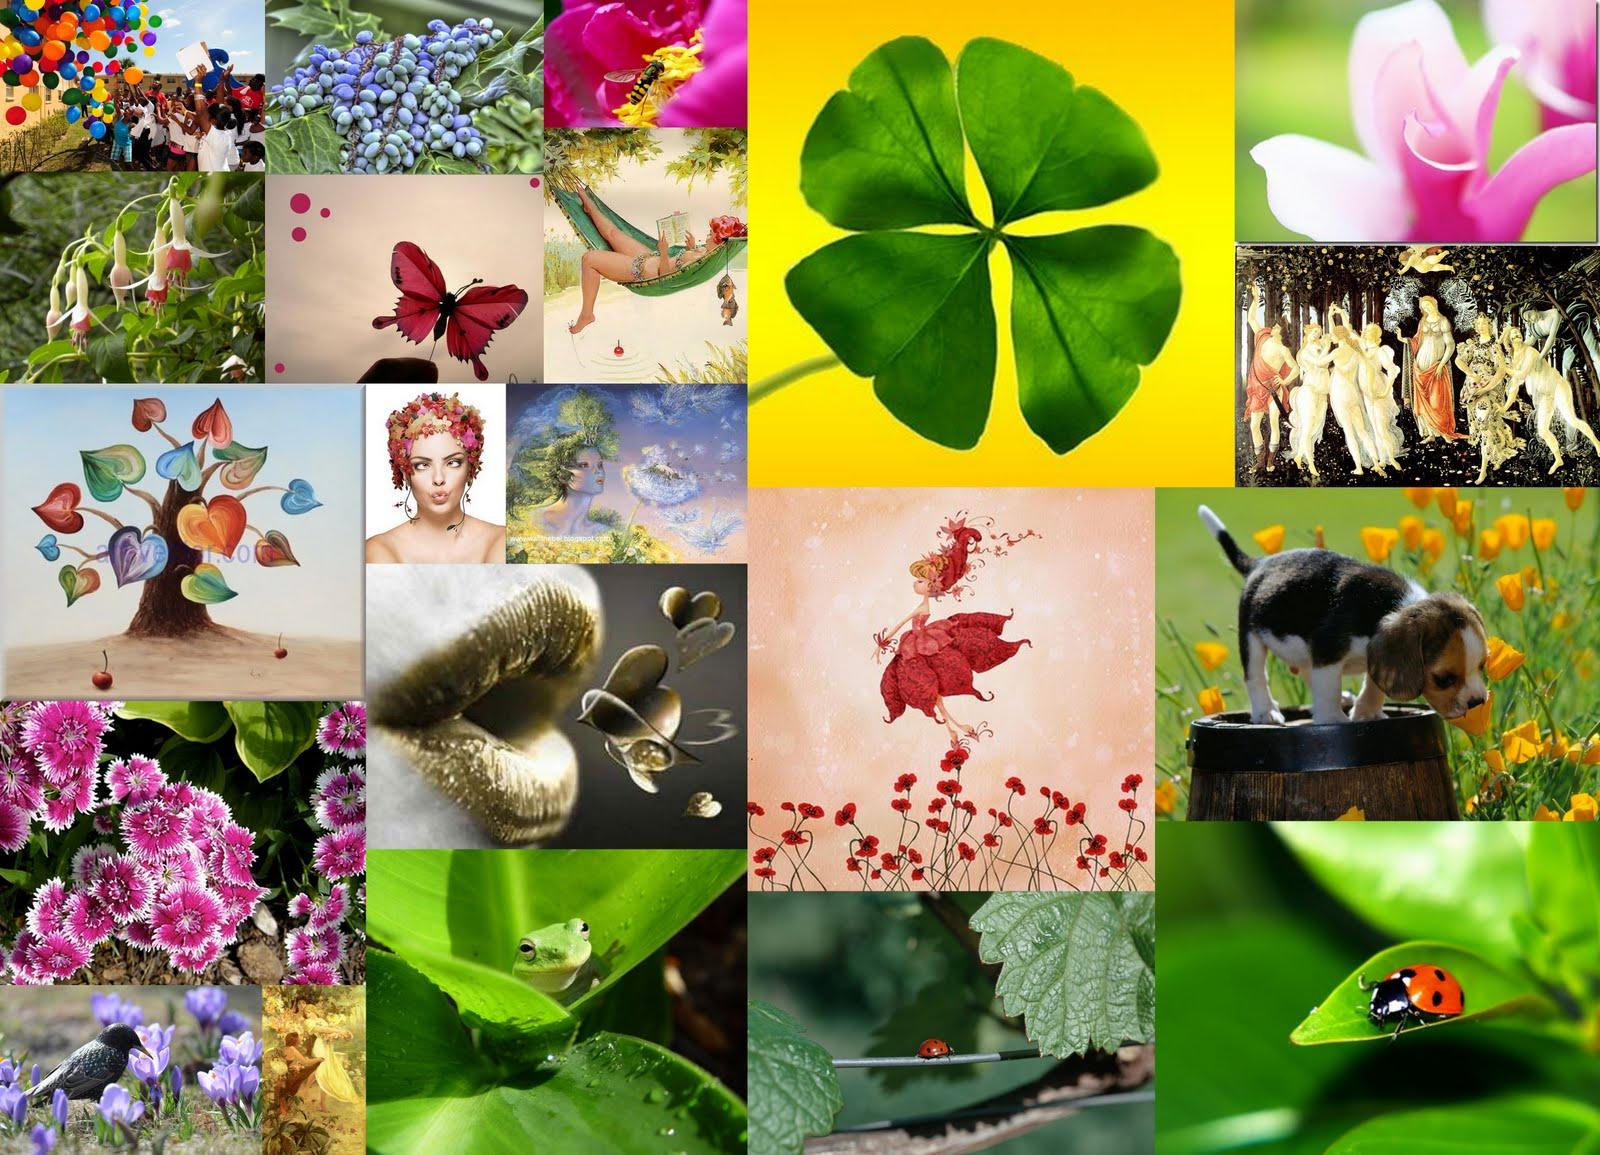 http://3.bp.blogspot.com/_FgoL2LknnWQ/TJkdxBdjGkI/AAAAAAAAE2o/6yNjdi_Wicg/s1600/Primavera3.jpg